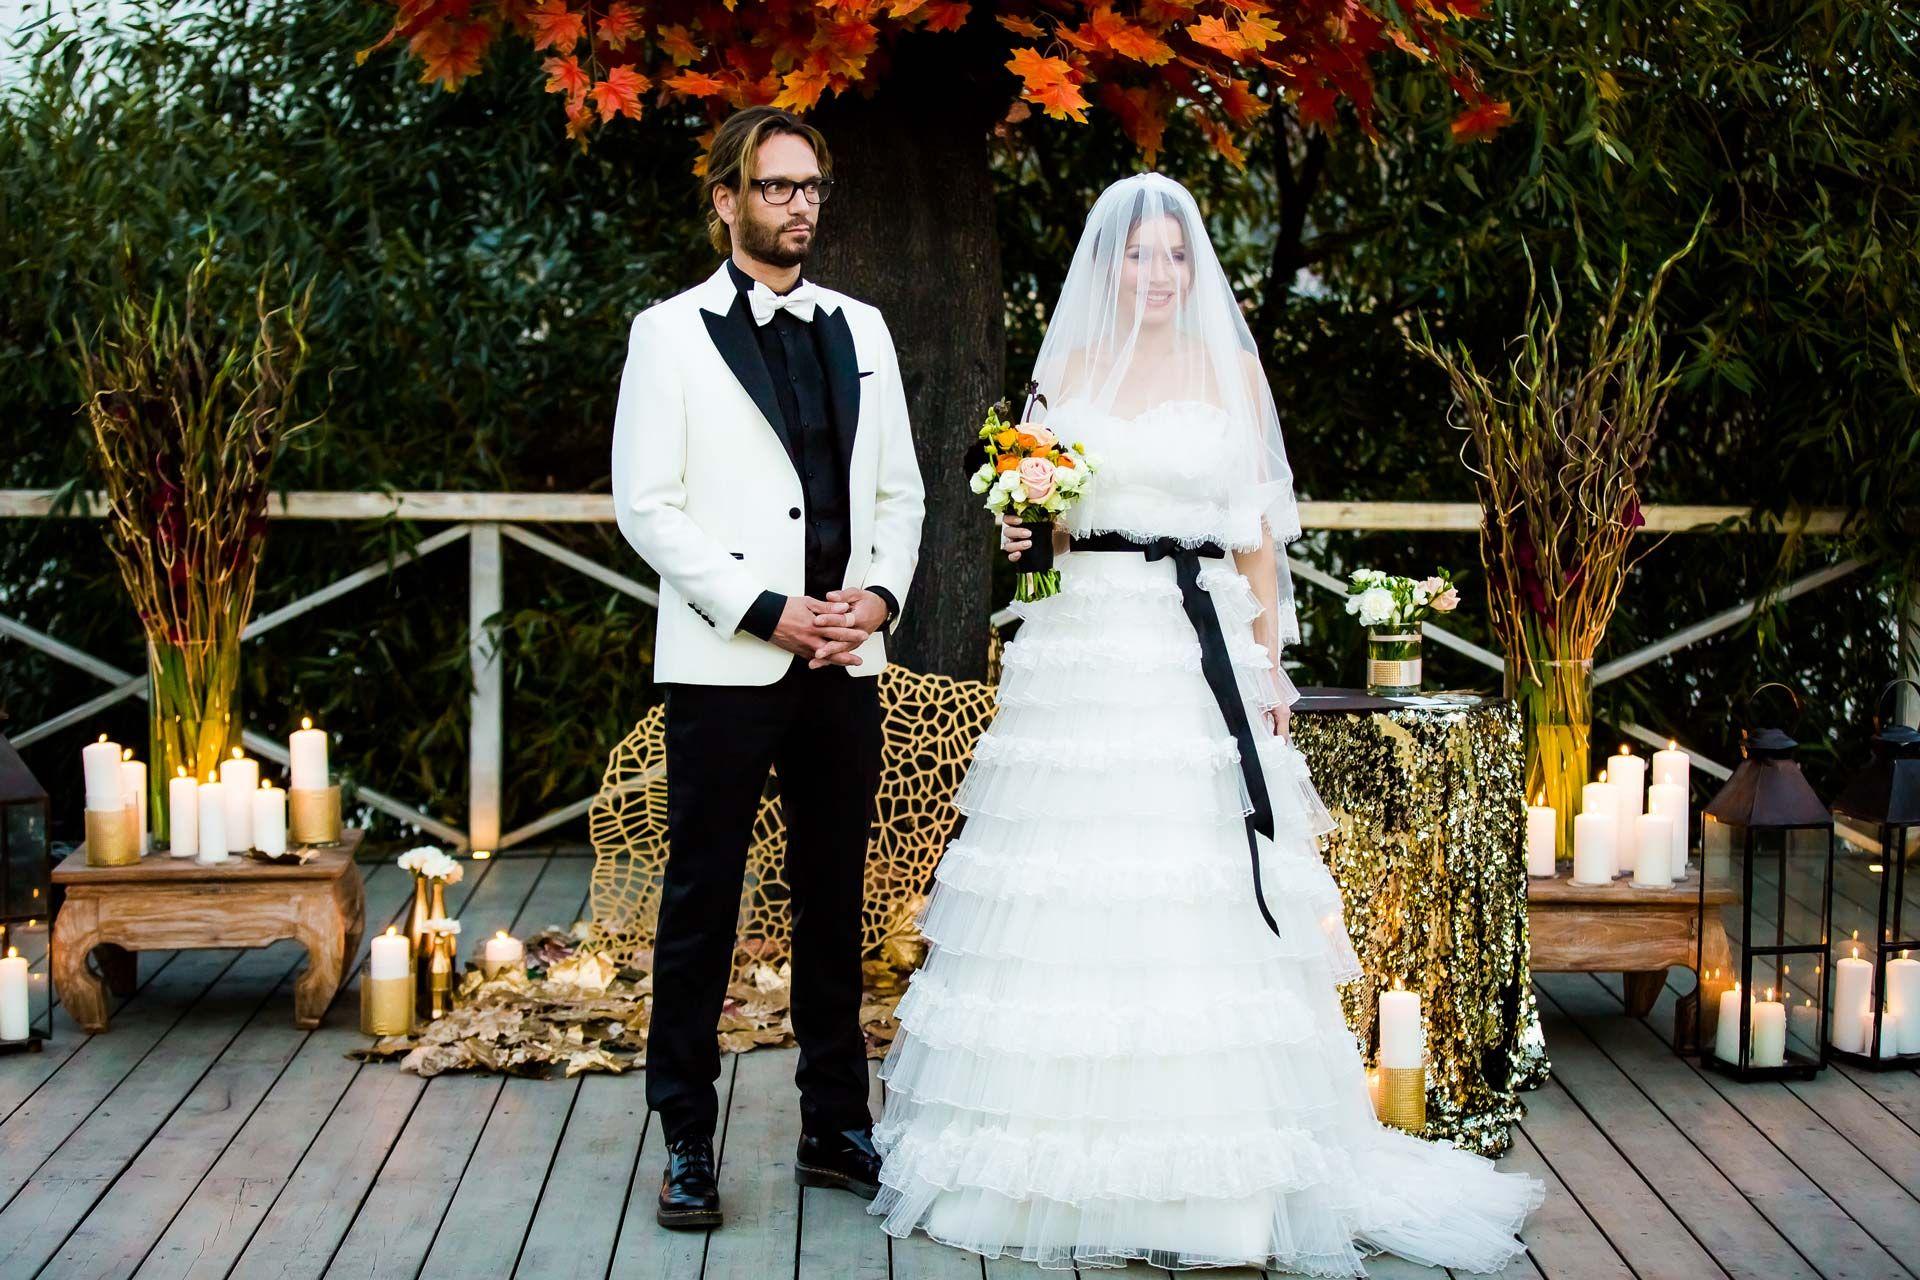 Свадьба Томаса Невергрина и Валерии Жидковой, репортаж, фото 8